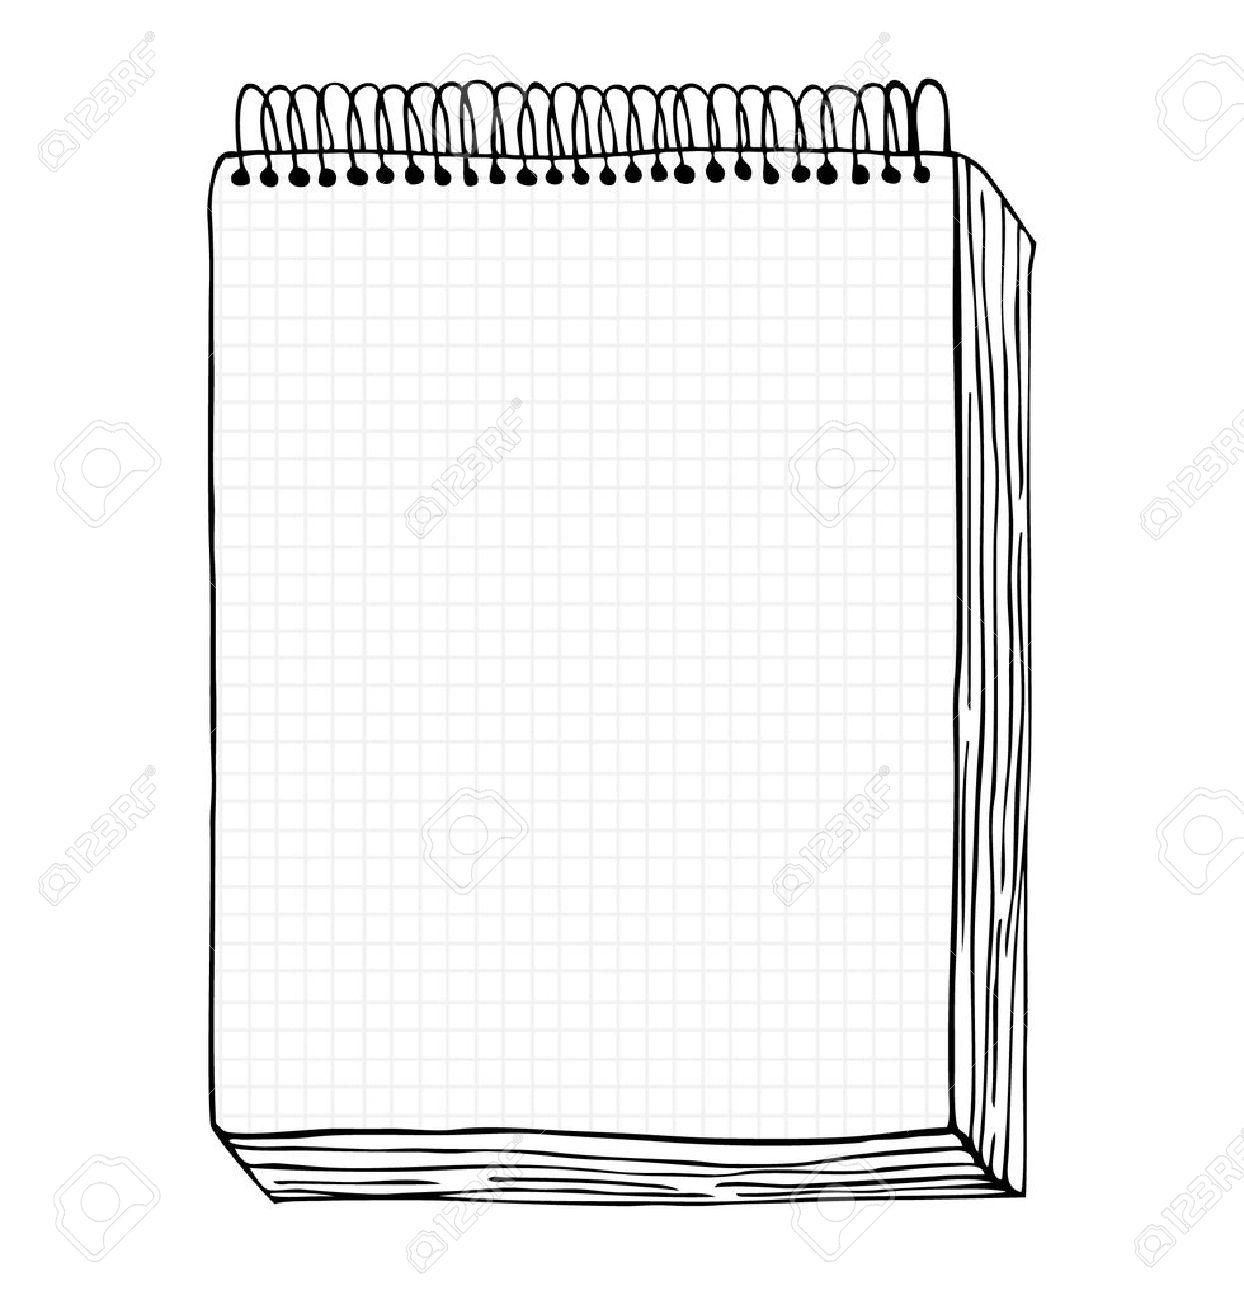 ノート クリップ アート メモ帳明確なページとの手描きの葉とノート